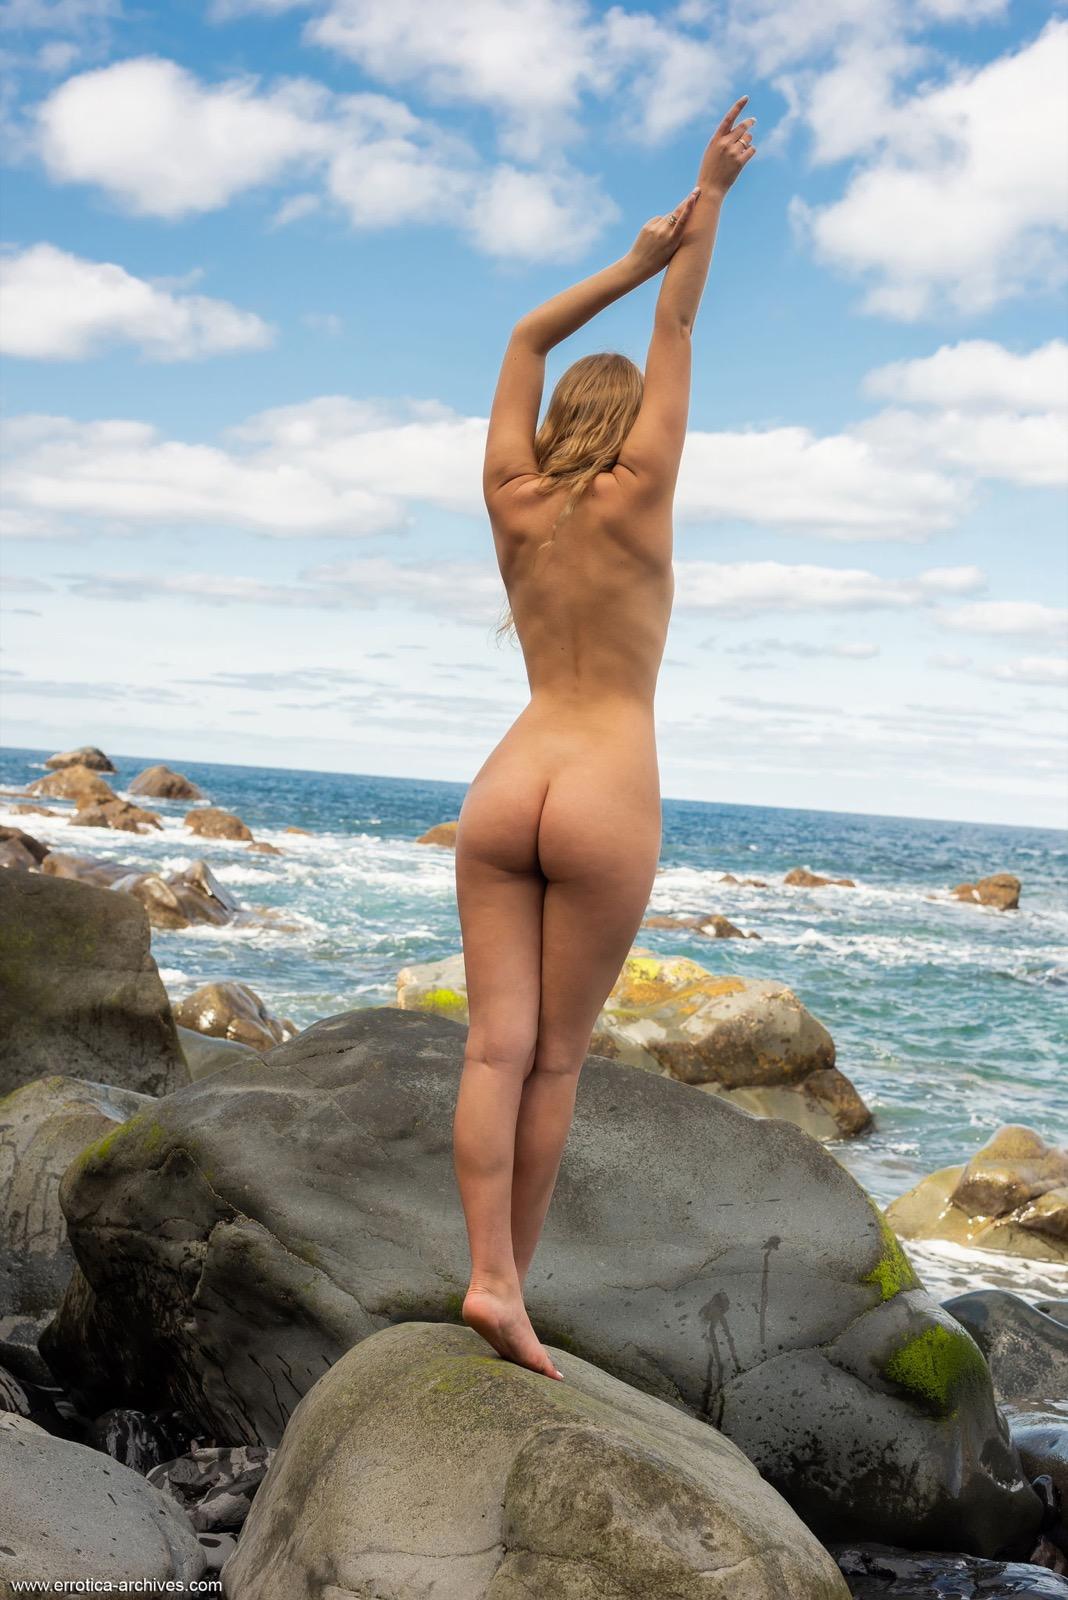 裸体宝贝 - Sexy Girl - elza - nude 10342